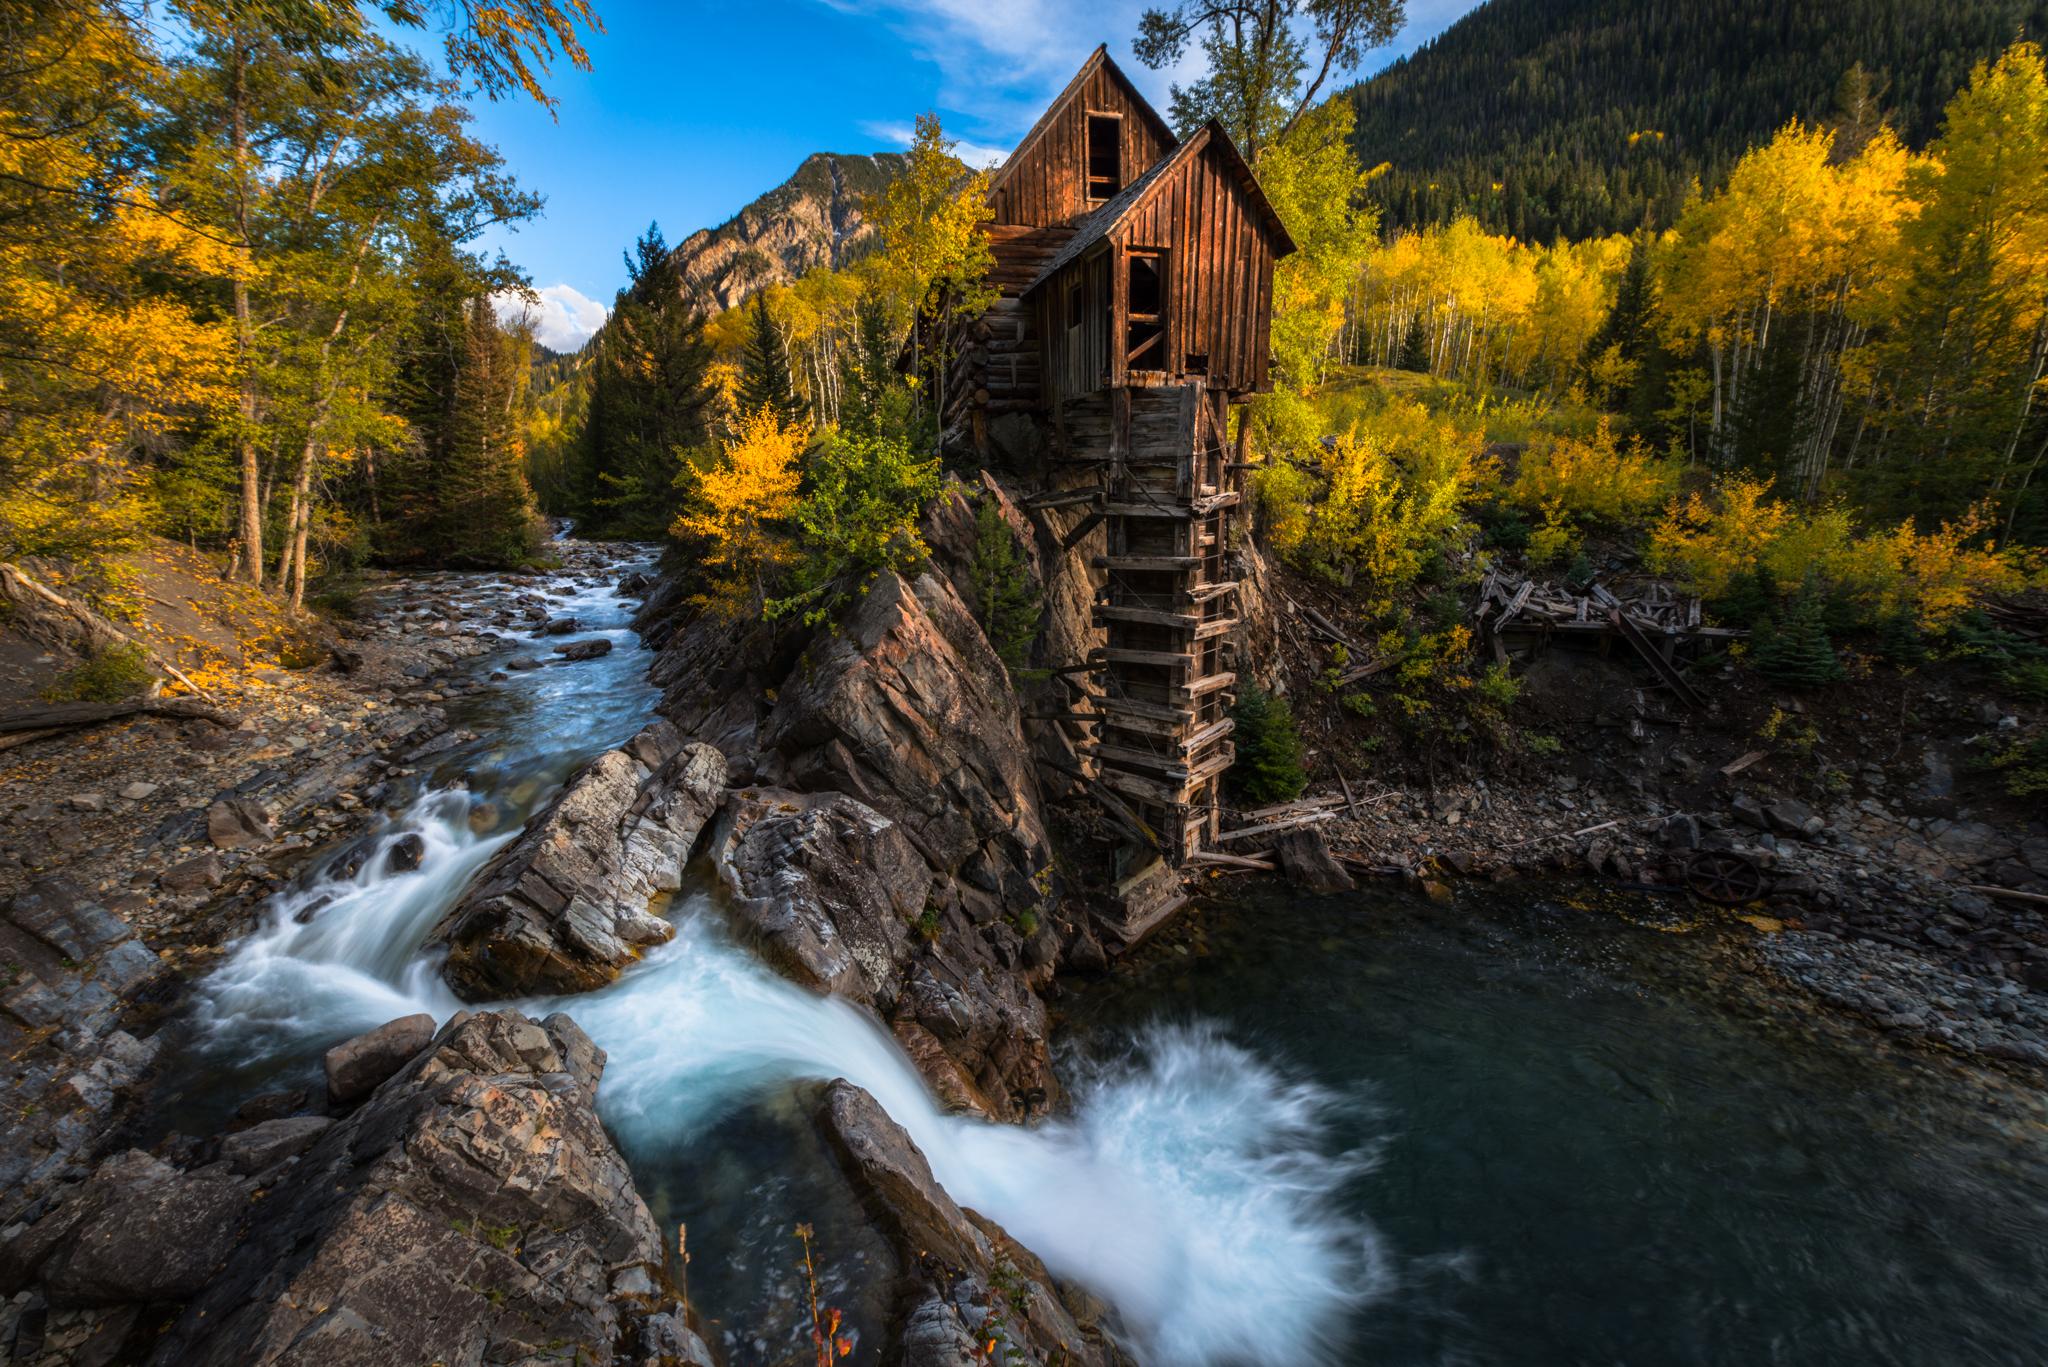 Colorado_092717._CVB8426-Edit.jpg